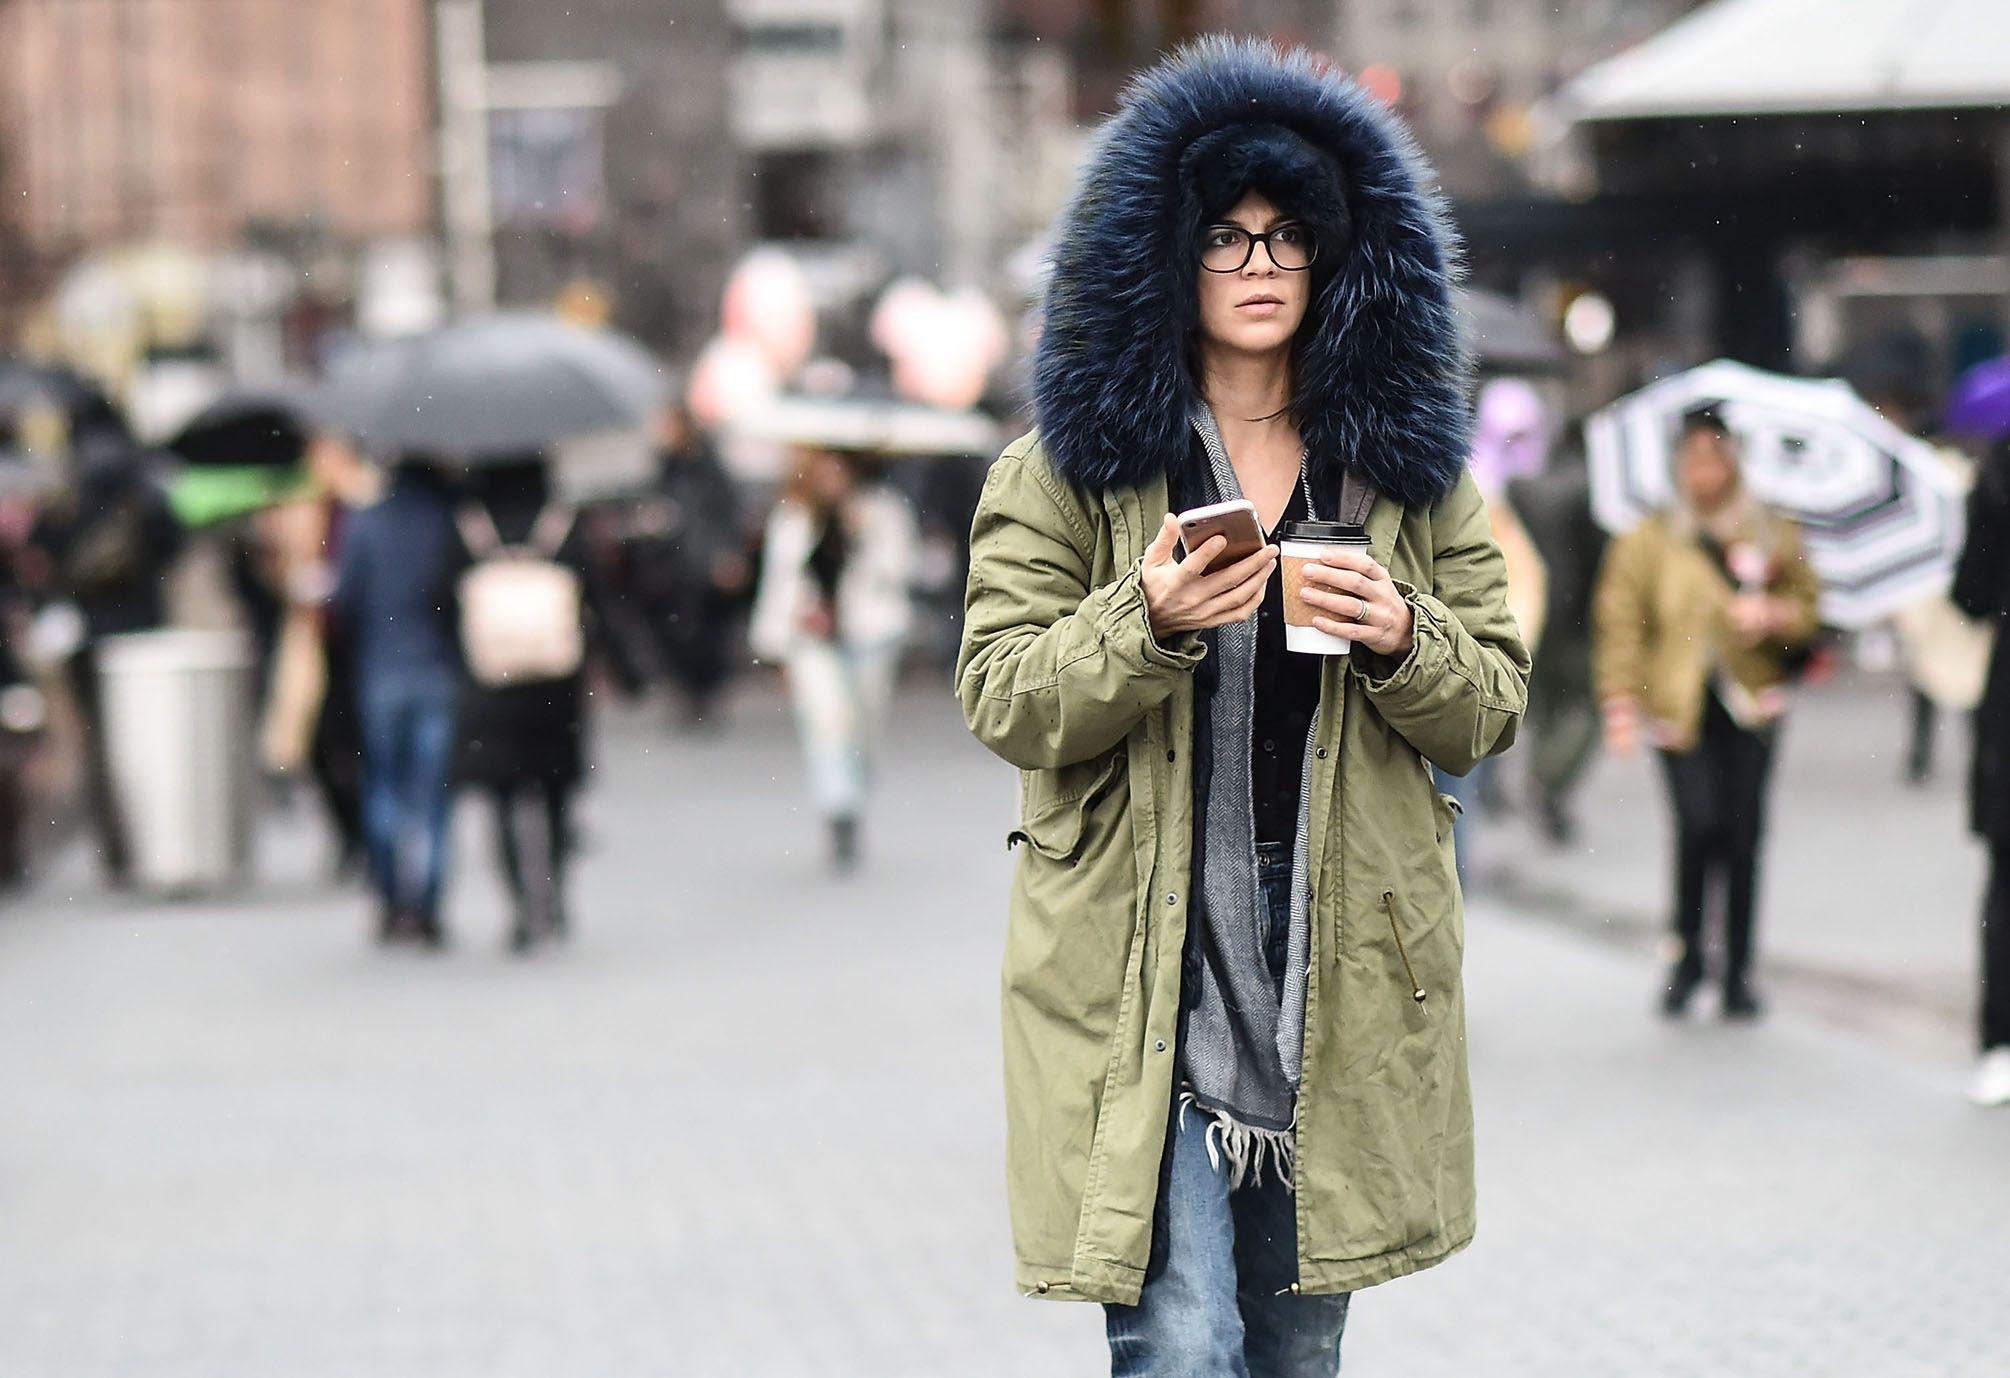 Donna Moda Trova Parka Tuo Il Ideale Inverno 2019 Modello Hx1xqwAnd e55b6cf79fa